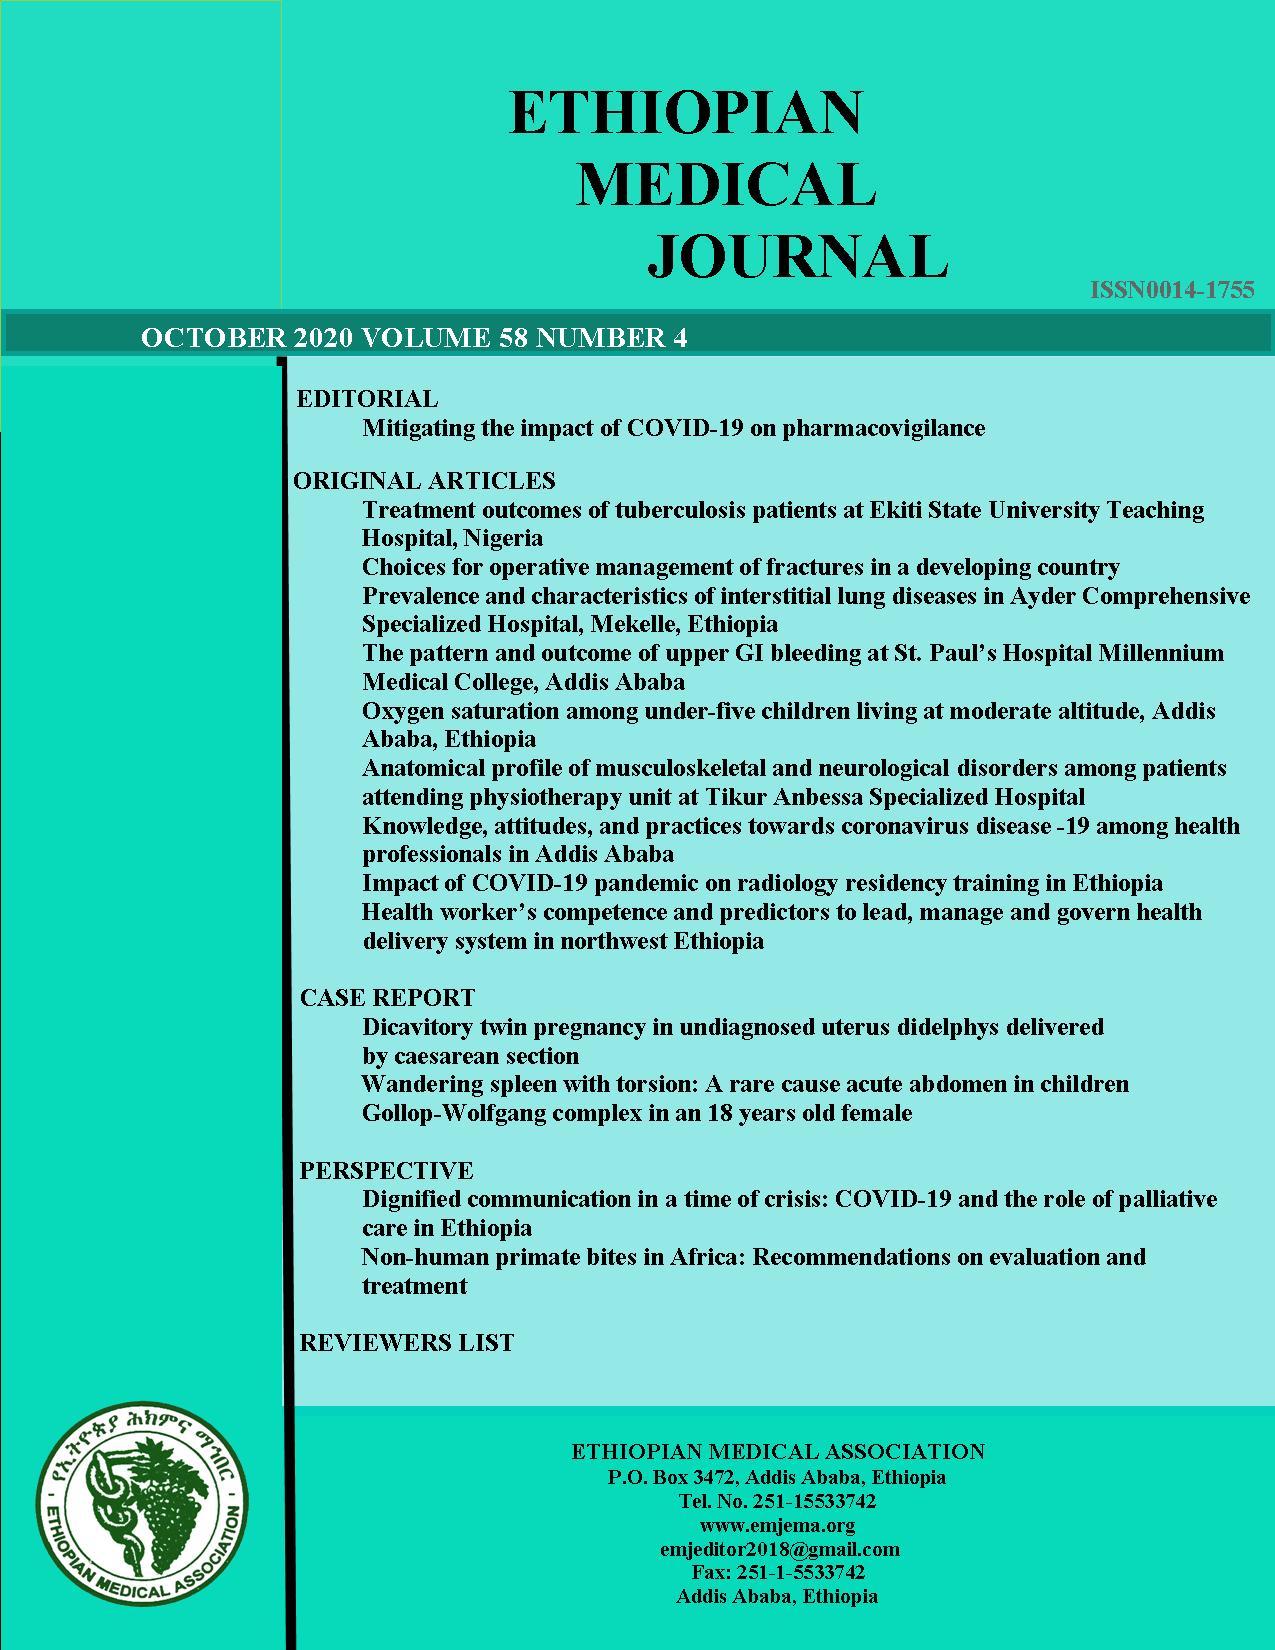 View Vol. 58 No. 04 (2020): EMJ October 2020 Regular Issue